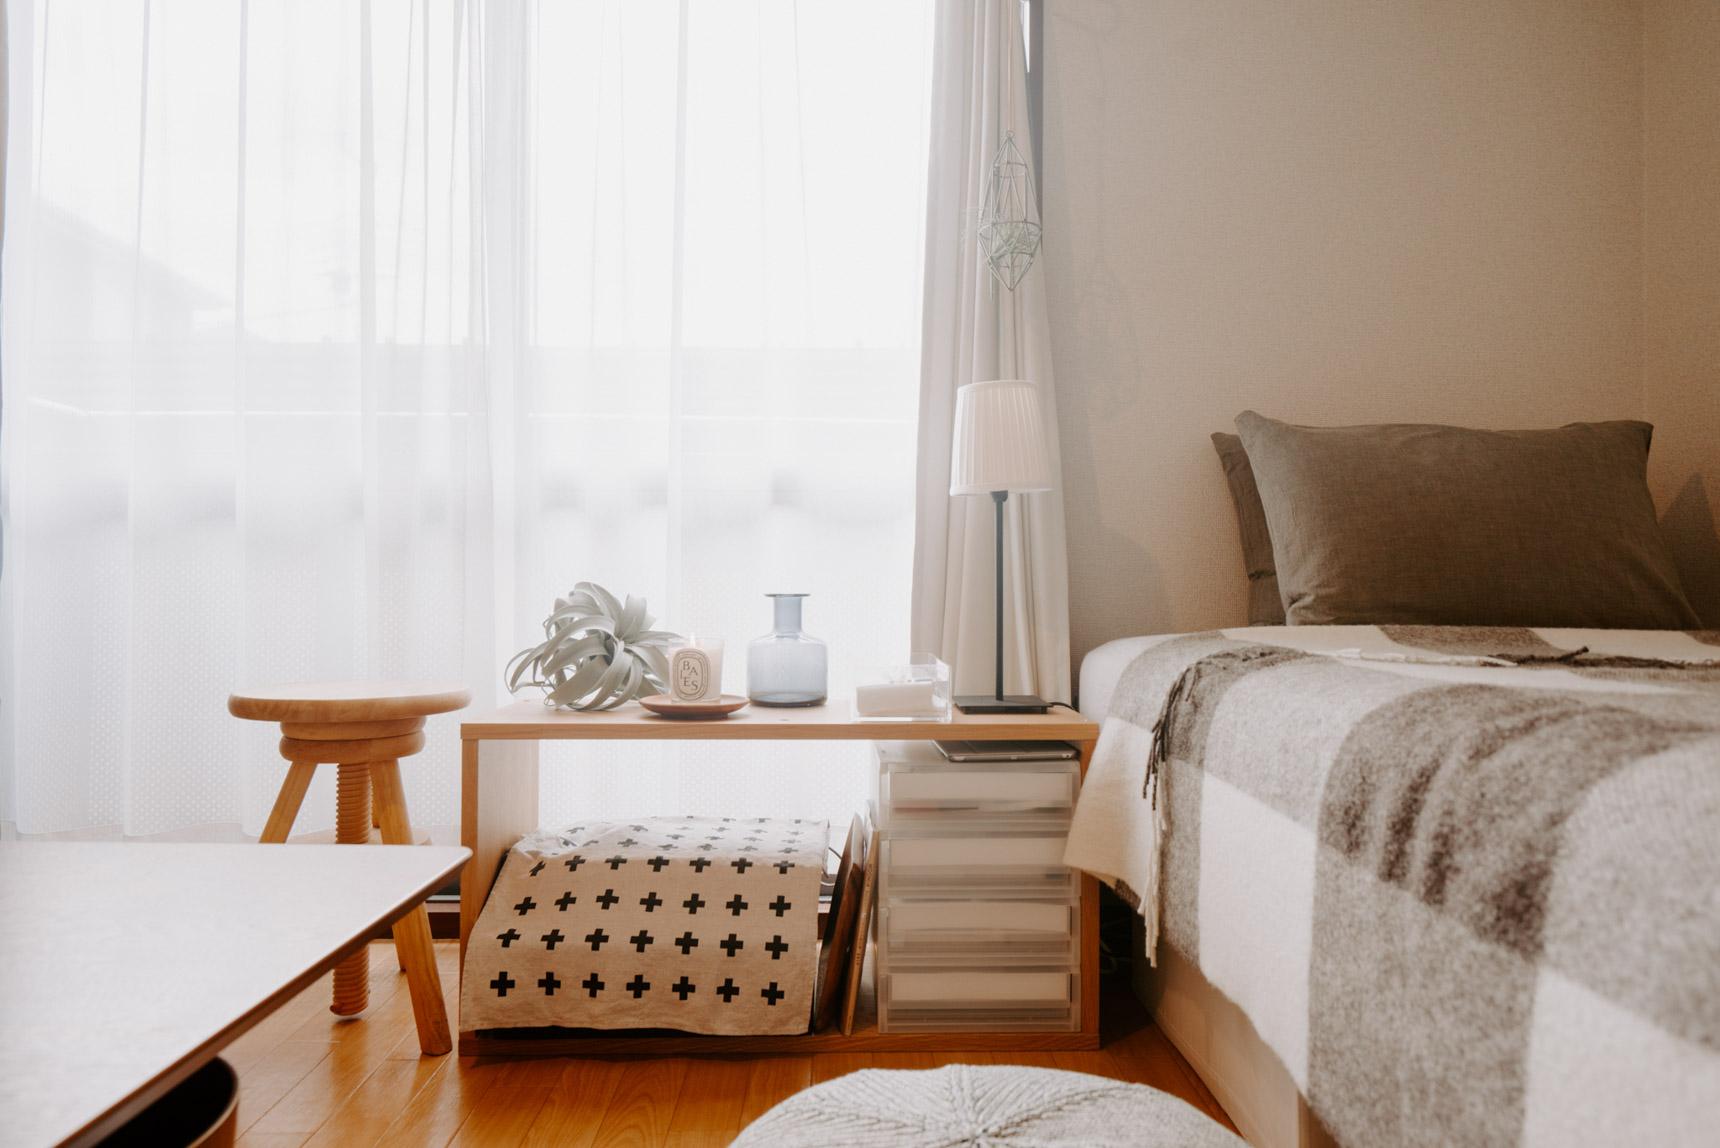 ベッドサイドテーブルとして使っているのも、同じスタッキングシェルフです。組み替えればどんな風にも使えるので、これを選んだそう。